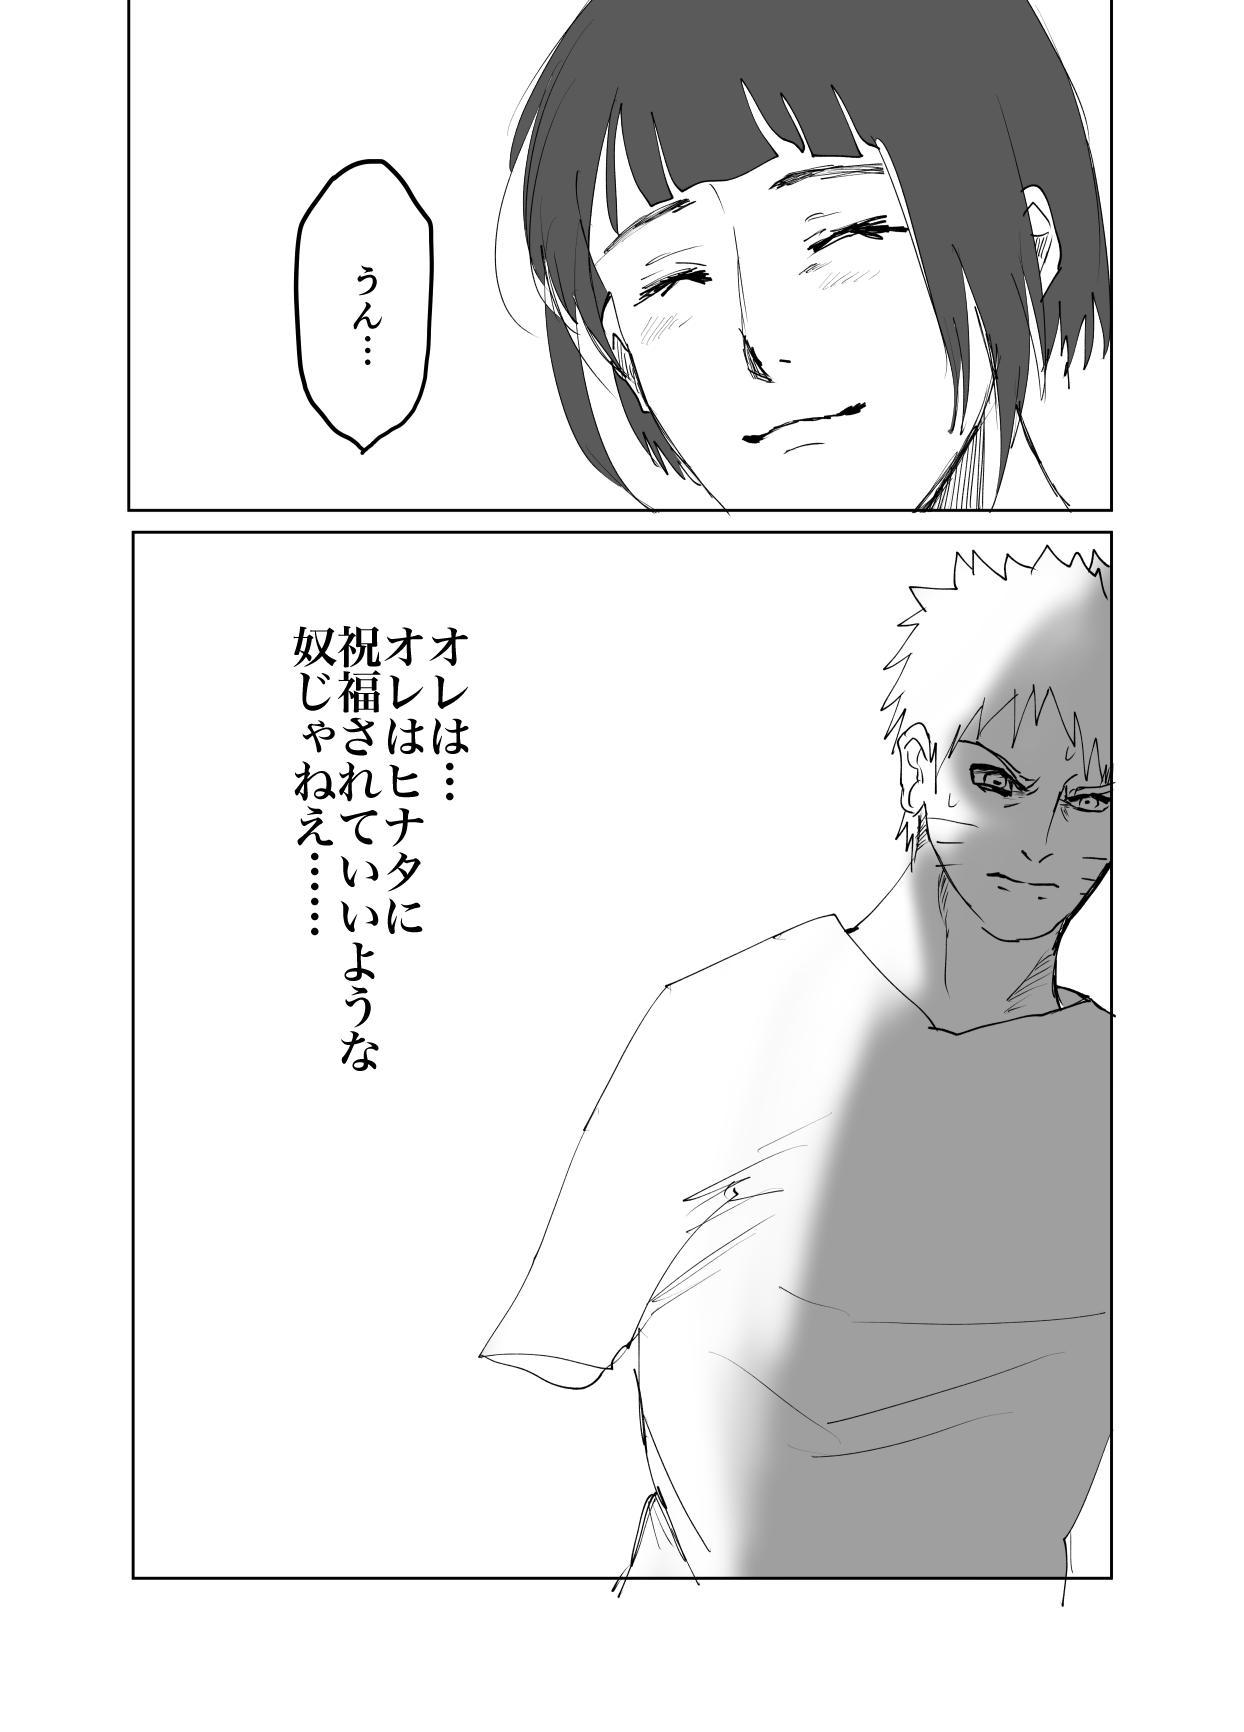 嘘告白漫画 28